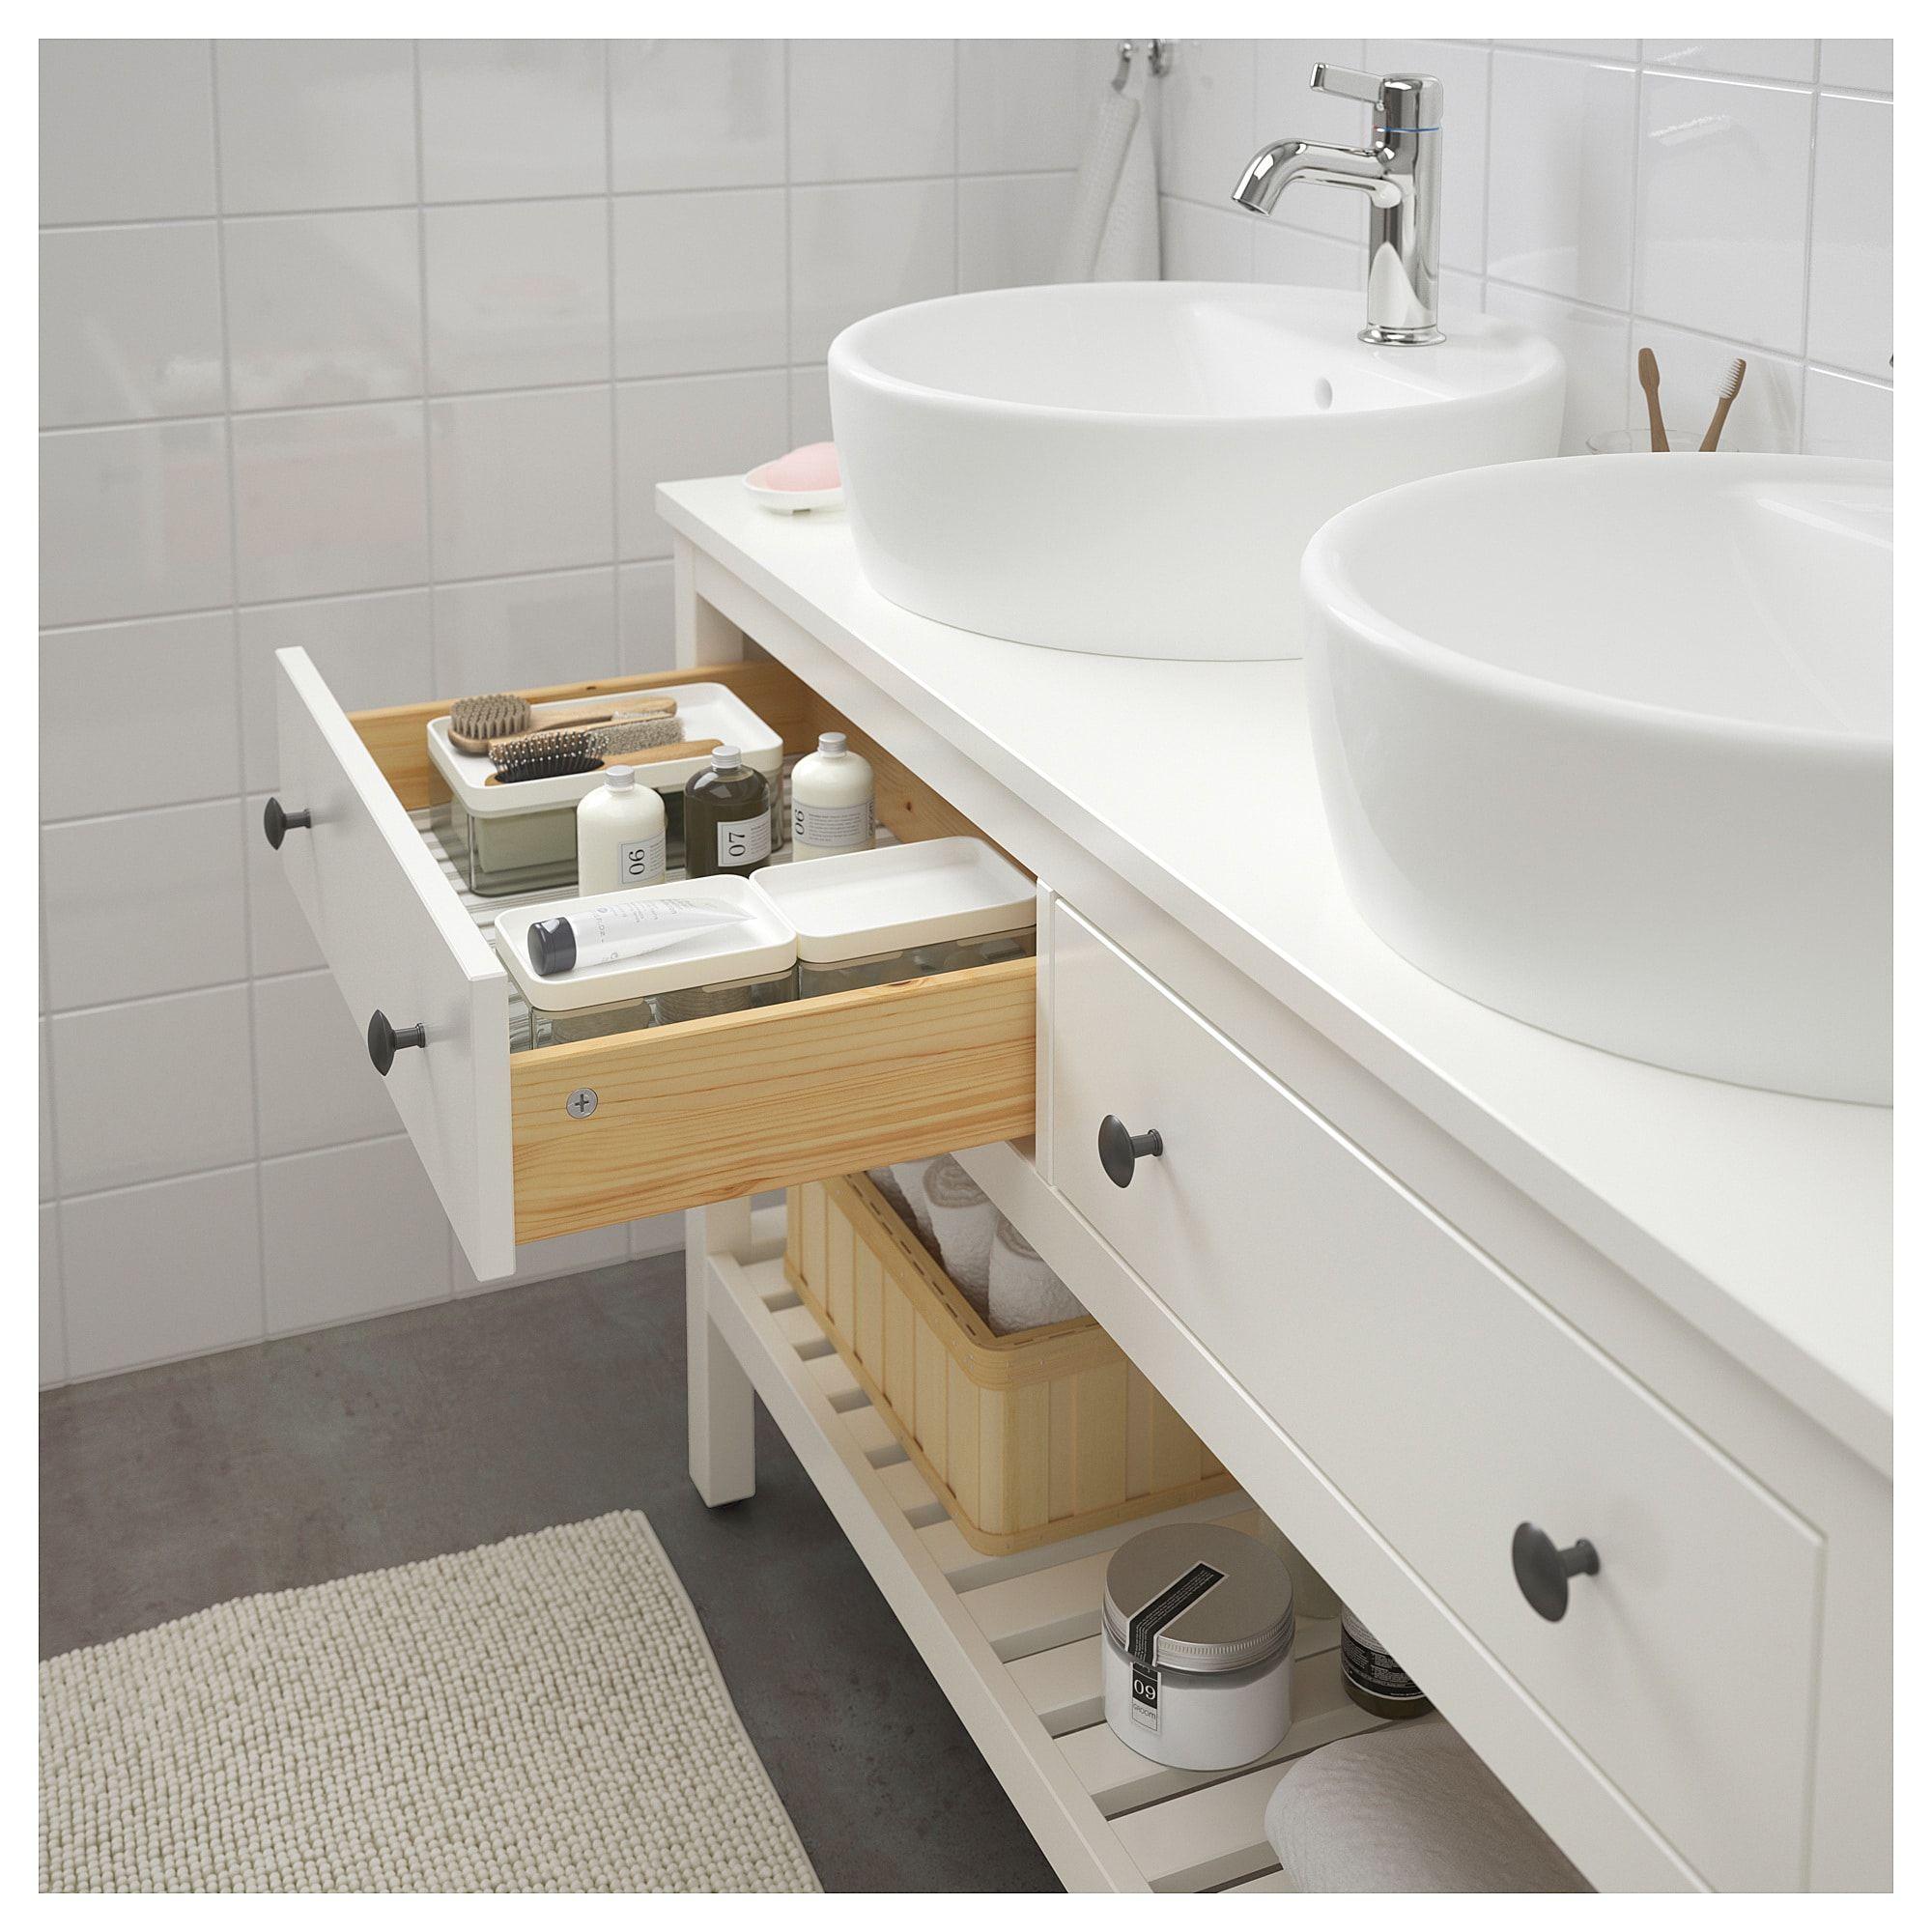 IKEA HEMNES / TORNVIKEN White, Voxnan Faucet Open sink ...